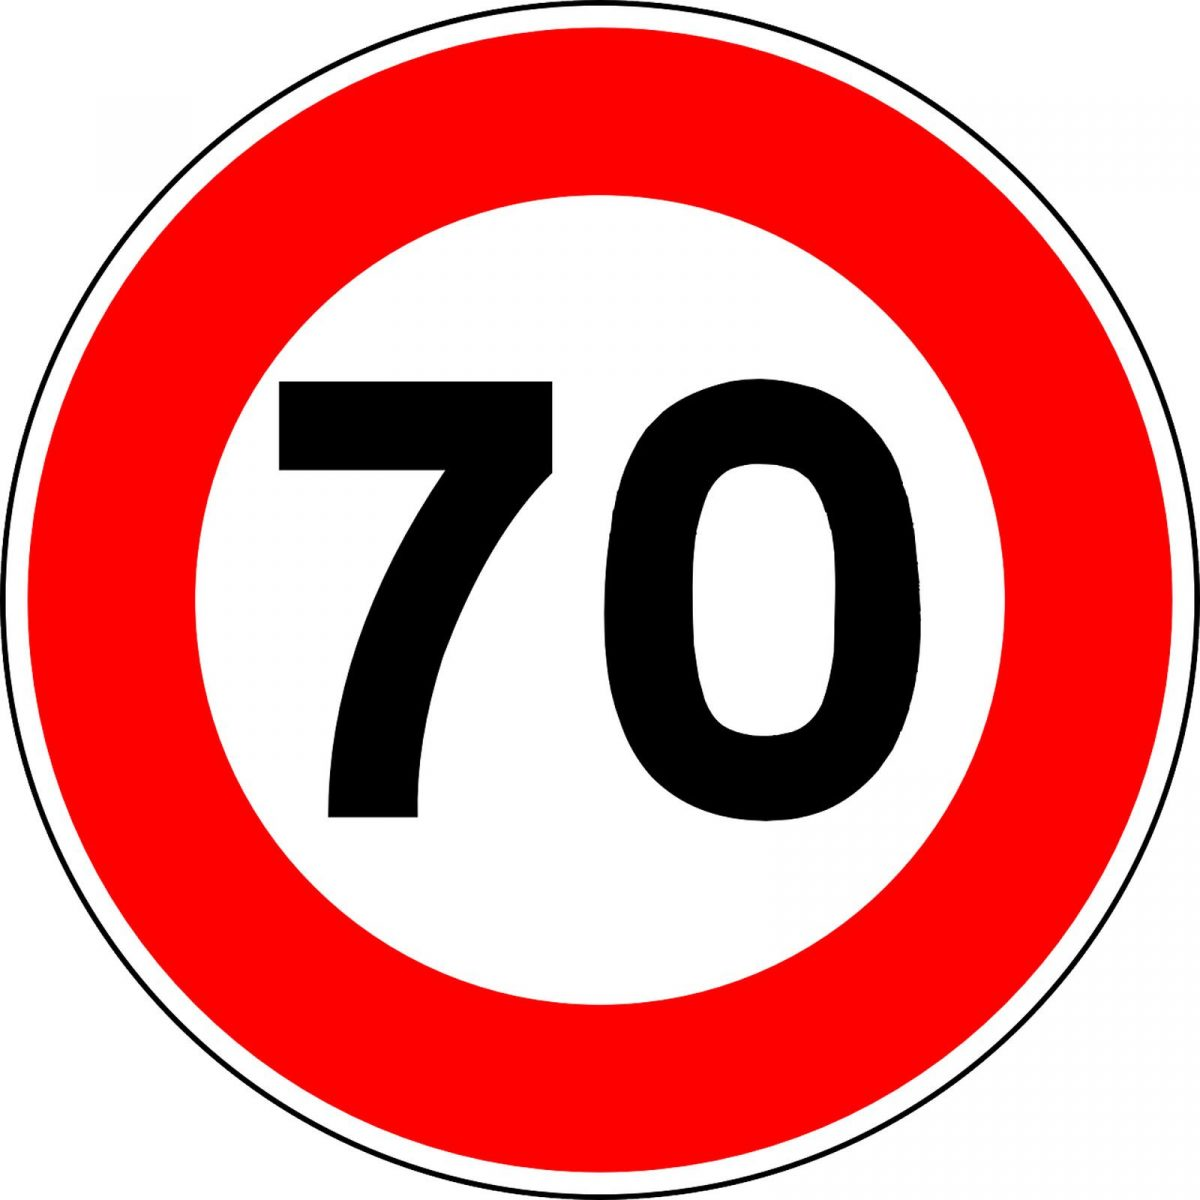 Peltre : travaux sur la RN 431, vitesse limitée à 70 km/h